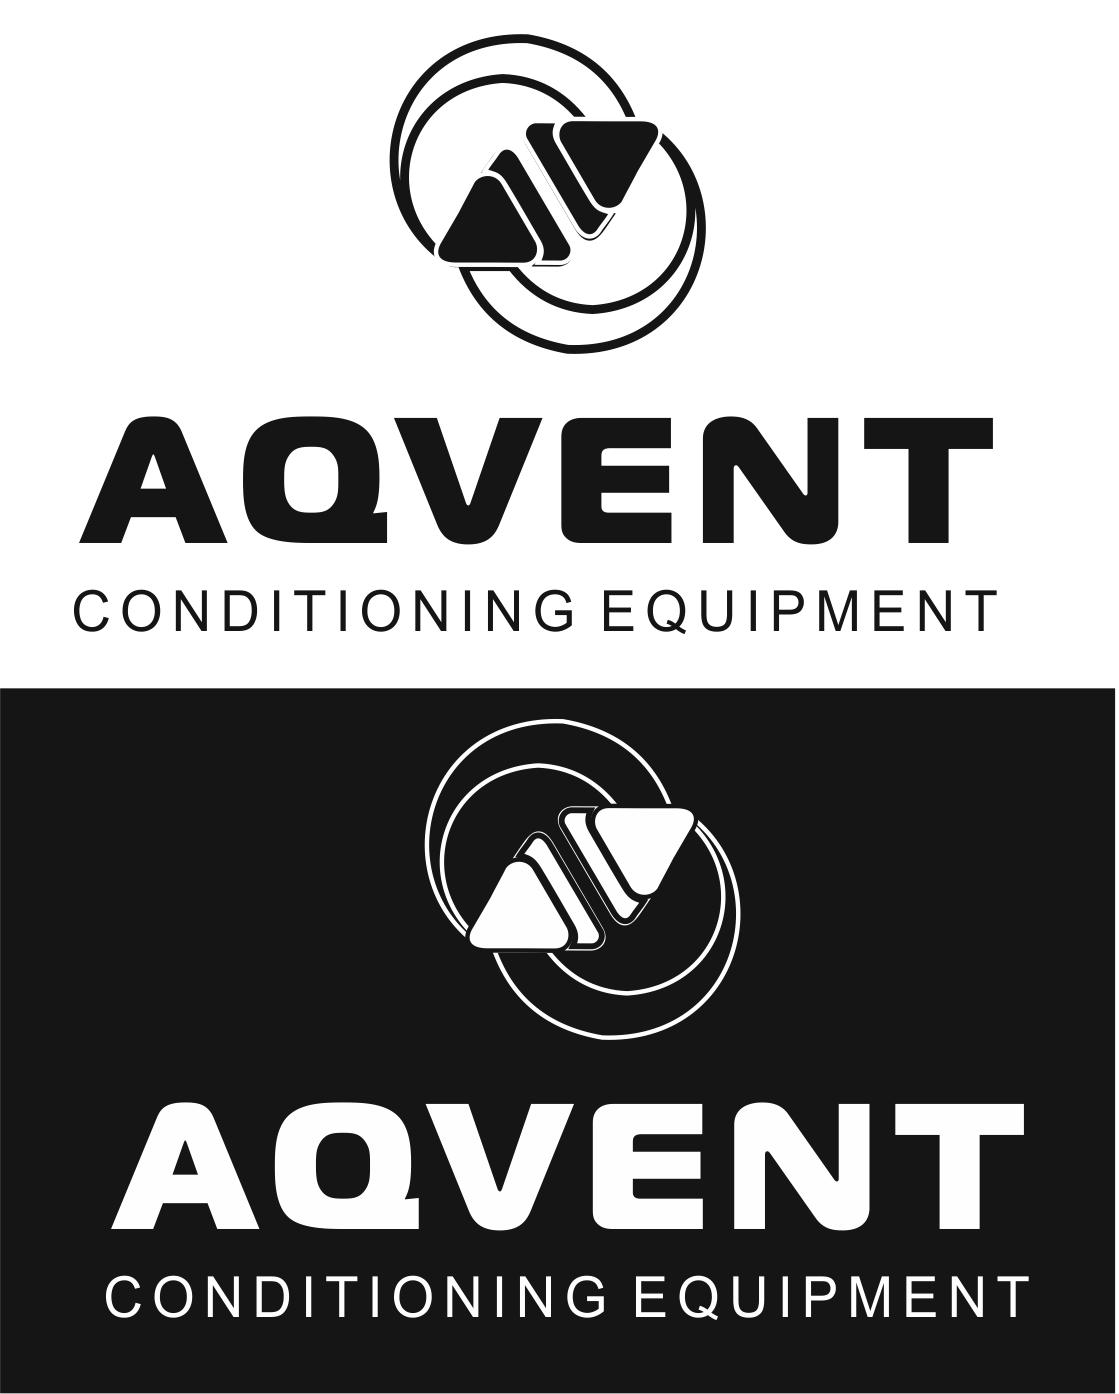 Логотип AQVENT фото f_431527de0bb6e898.png